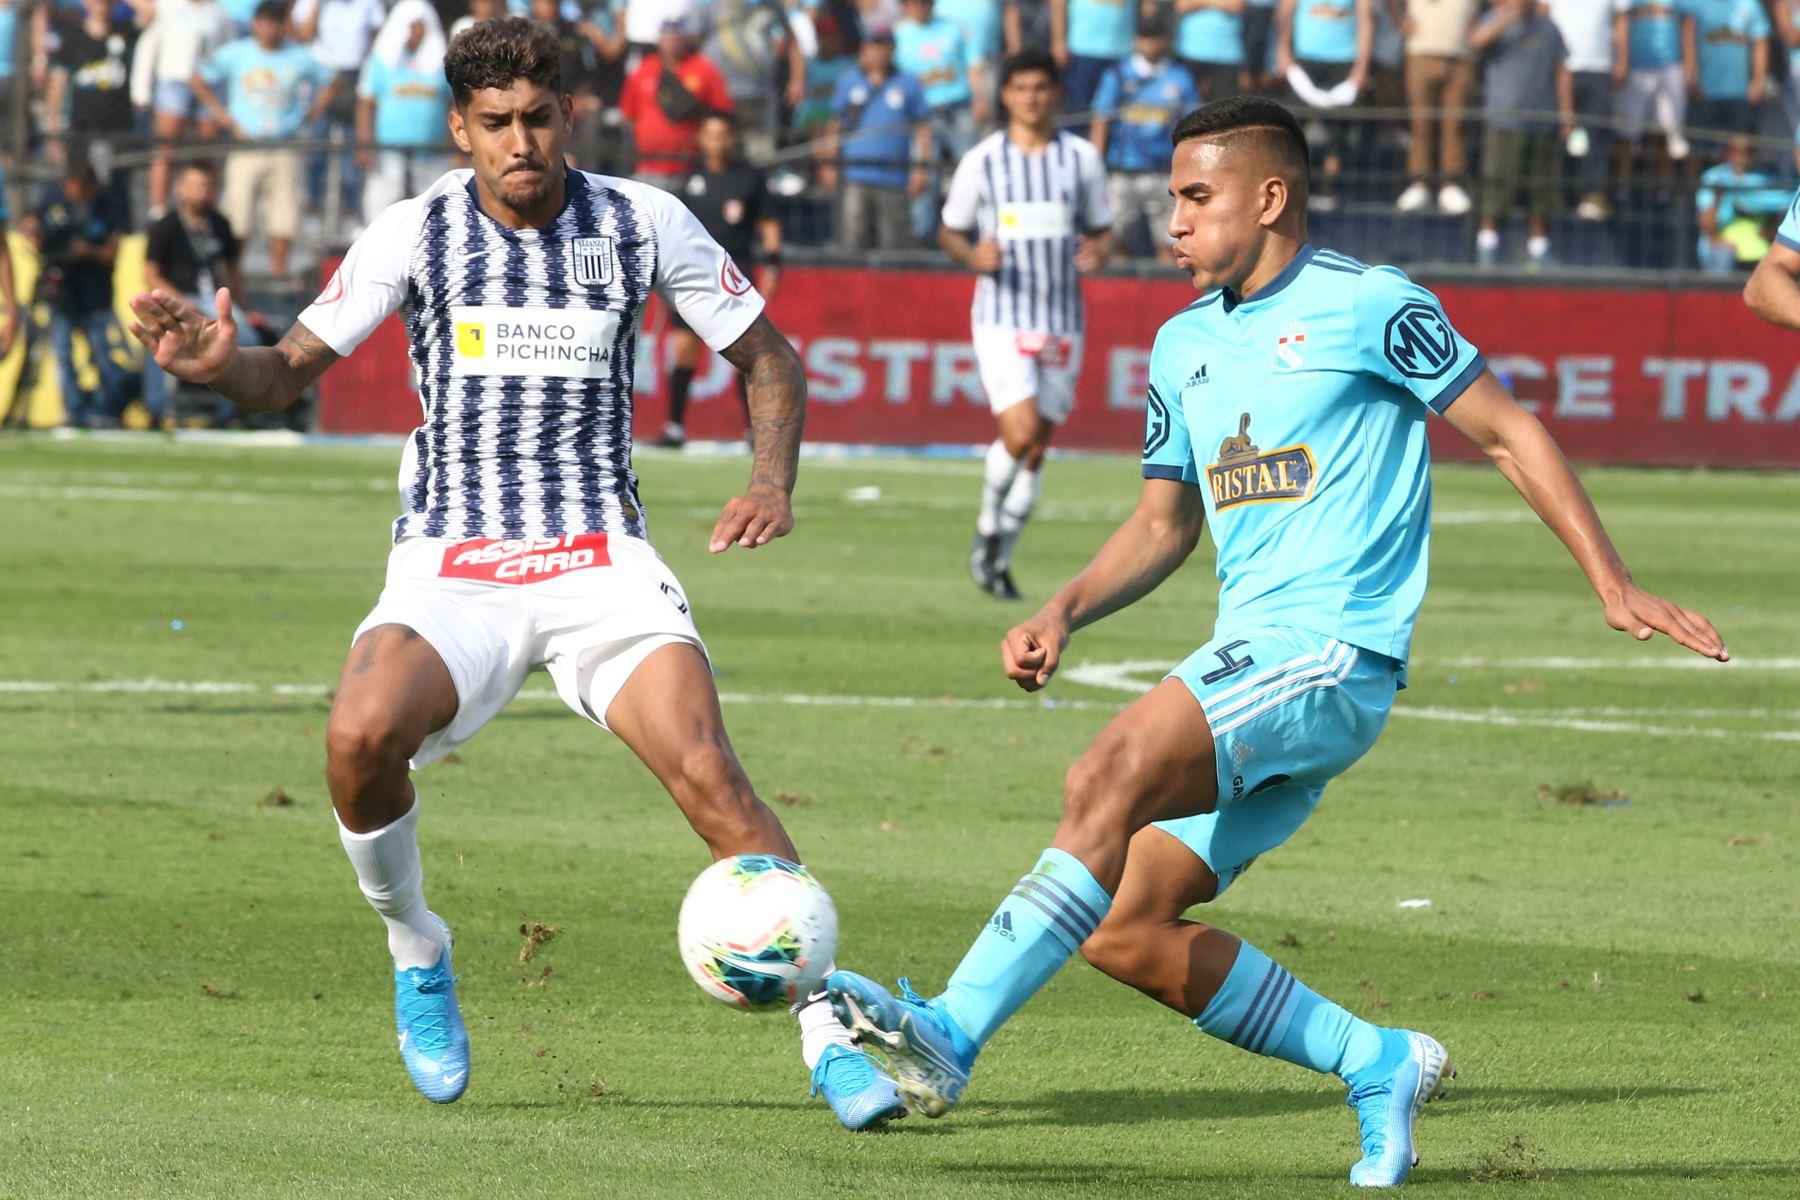 Alianza Lima vs Cristal juegan hoy en el estadio Alejandro Villanueva, en el partido de ida por la semifinal del play off de la Liga 1. Foto: ANDINA/Vidal Tarqui